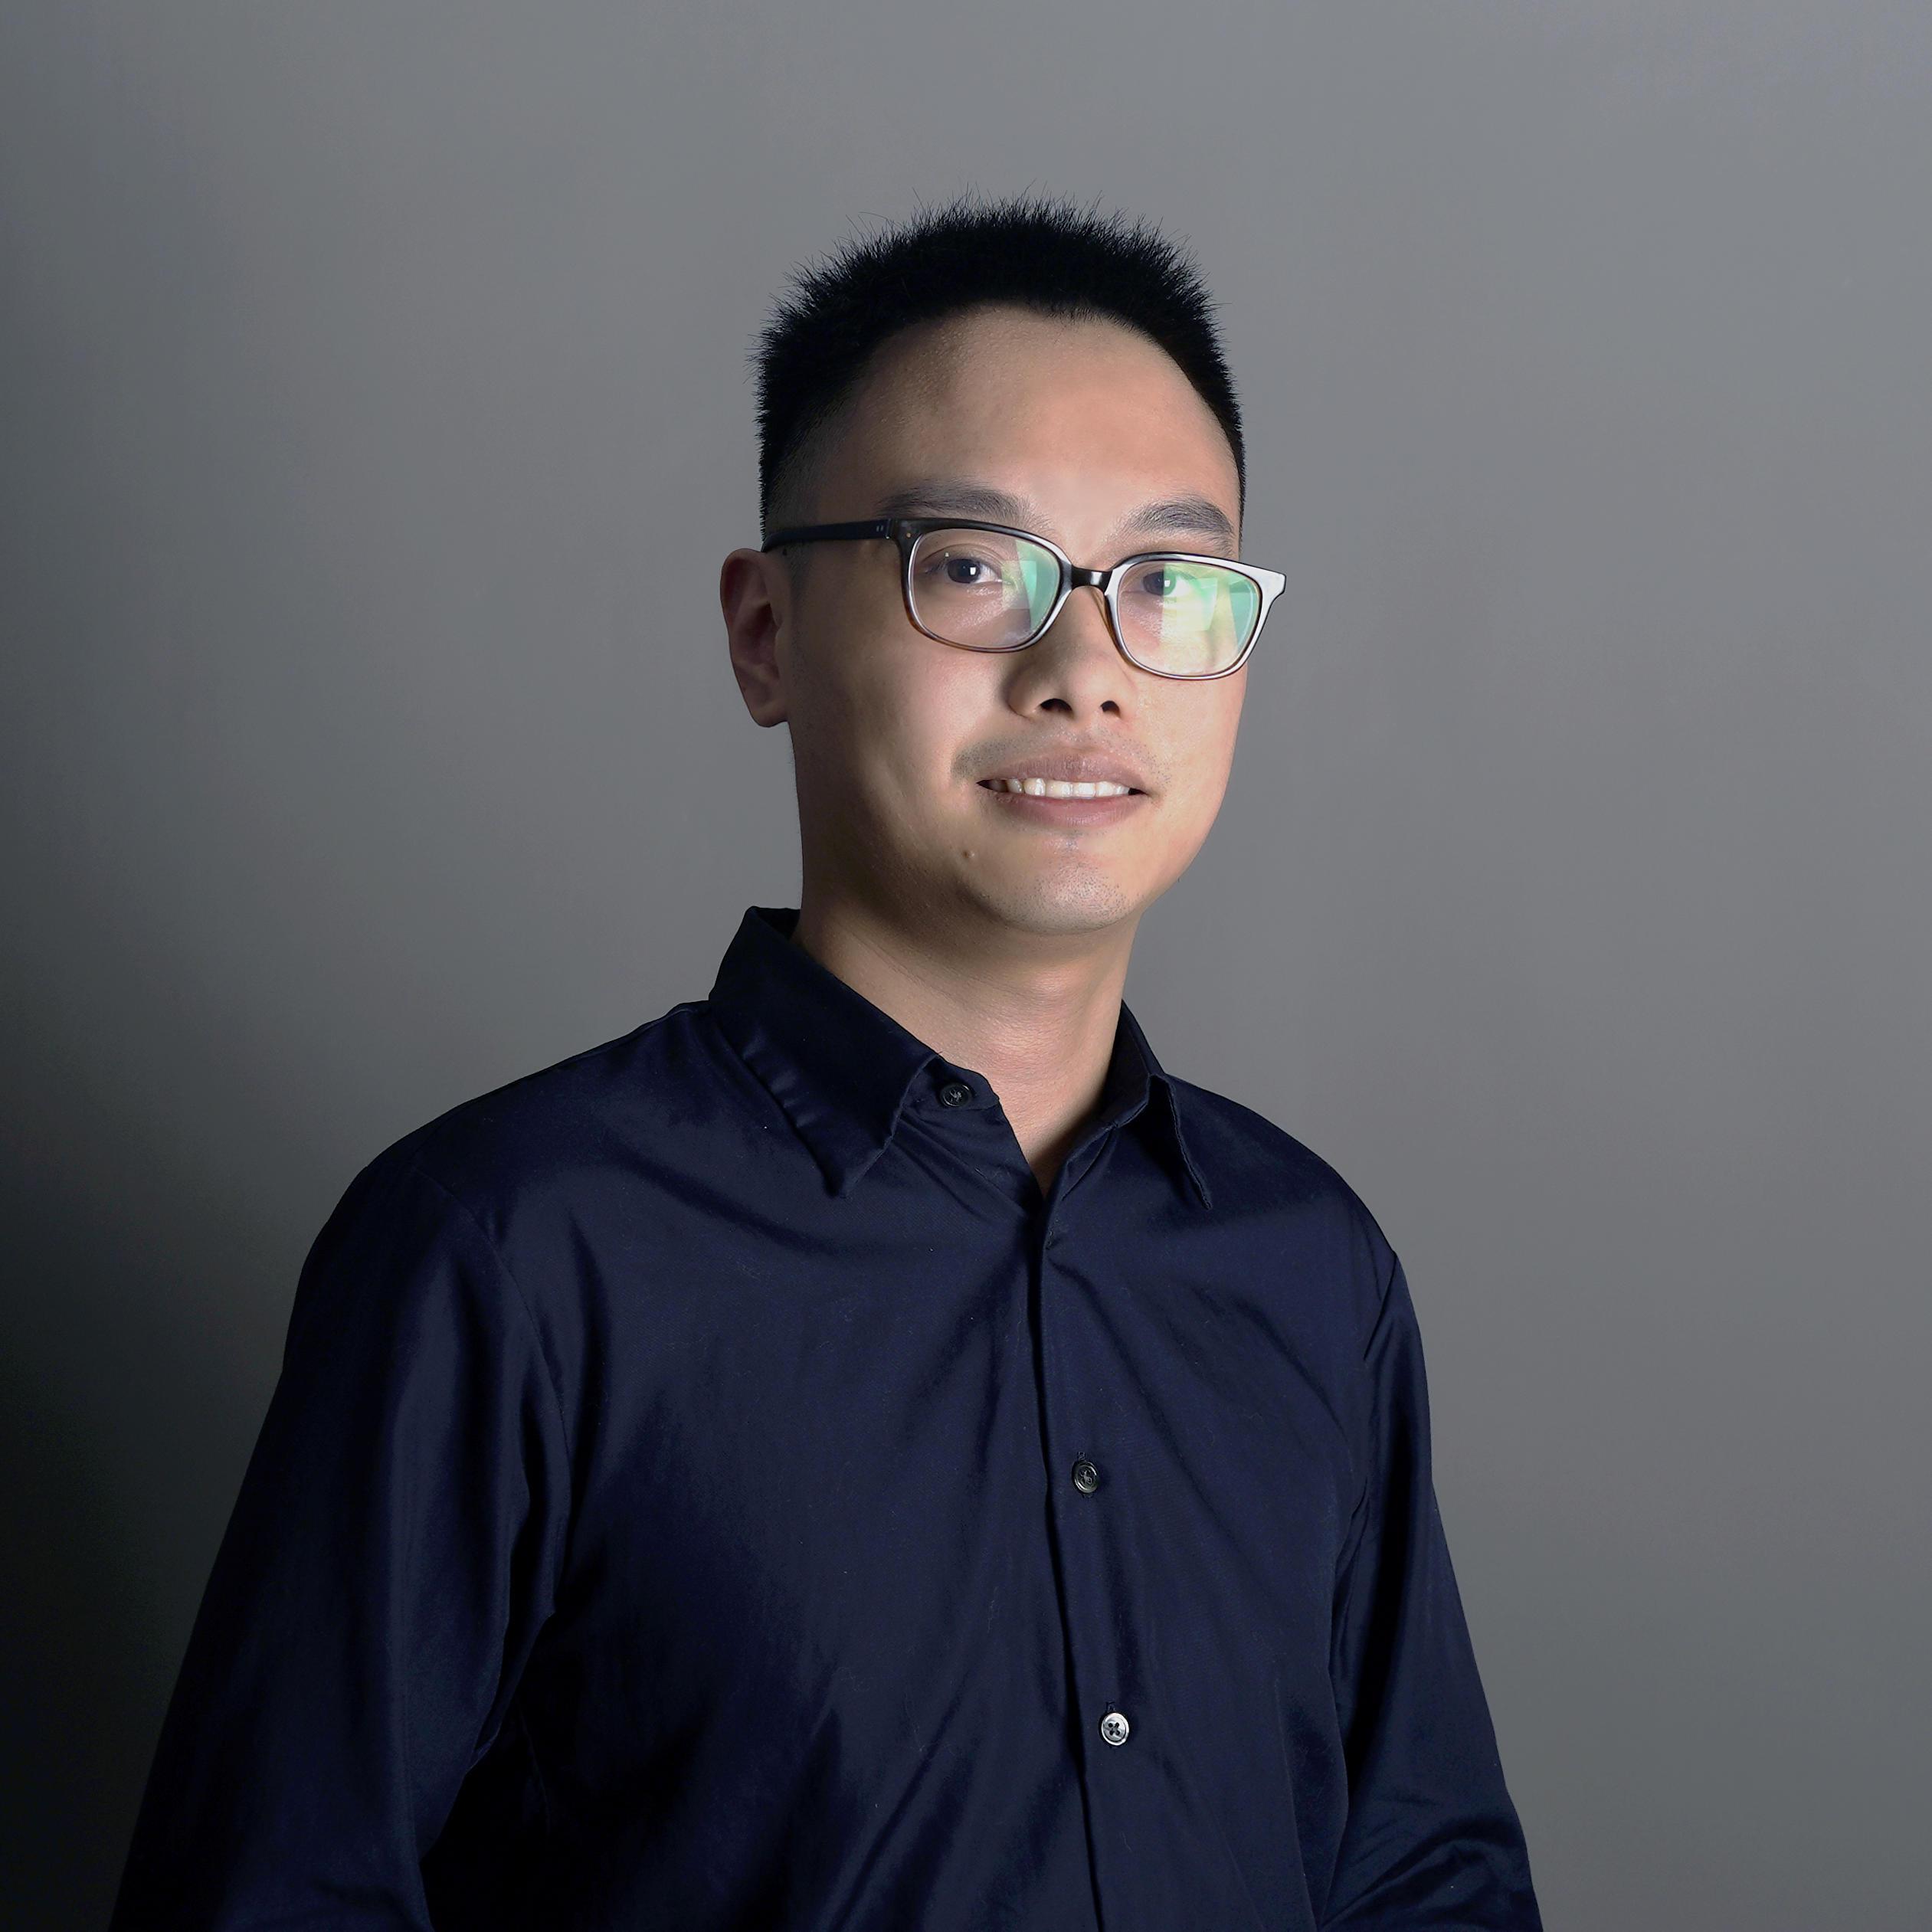 腾讯互动娱乐事业群增值服务部高级工程师田甜